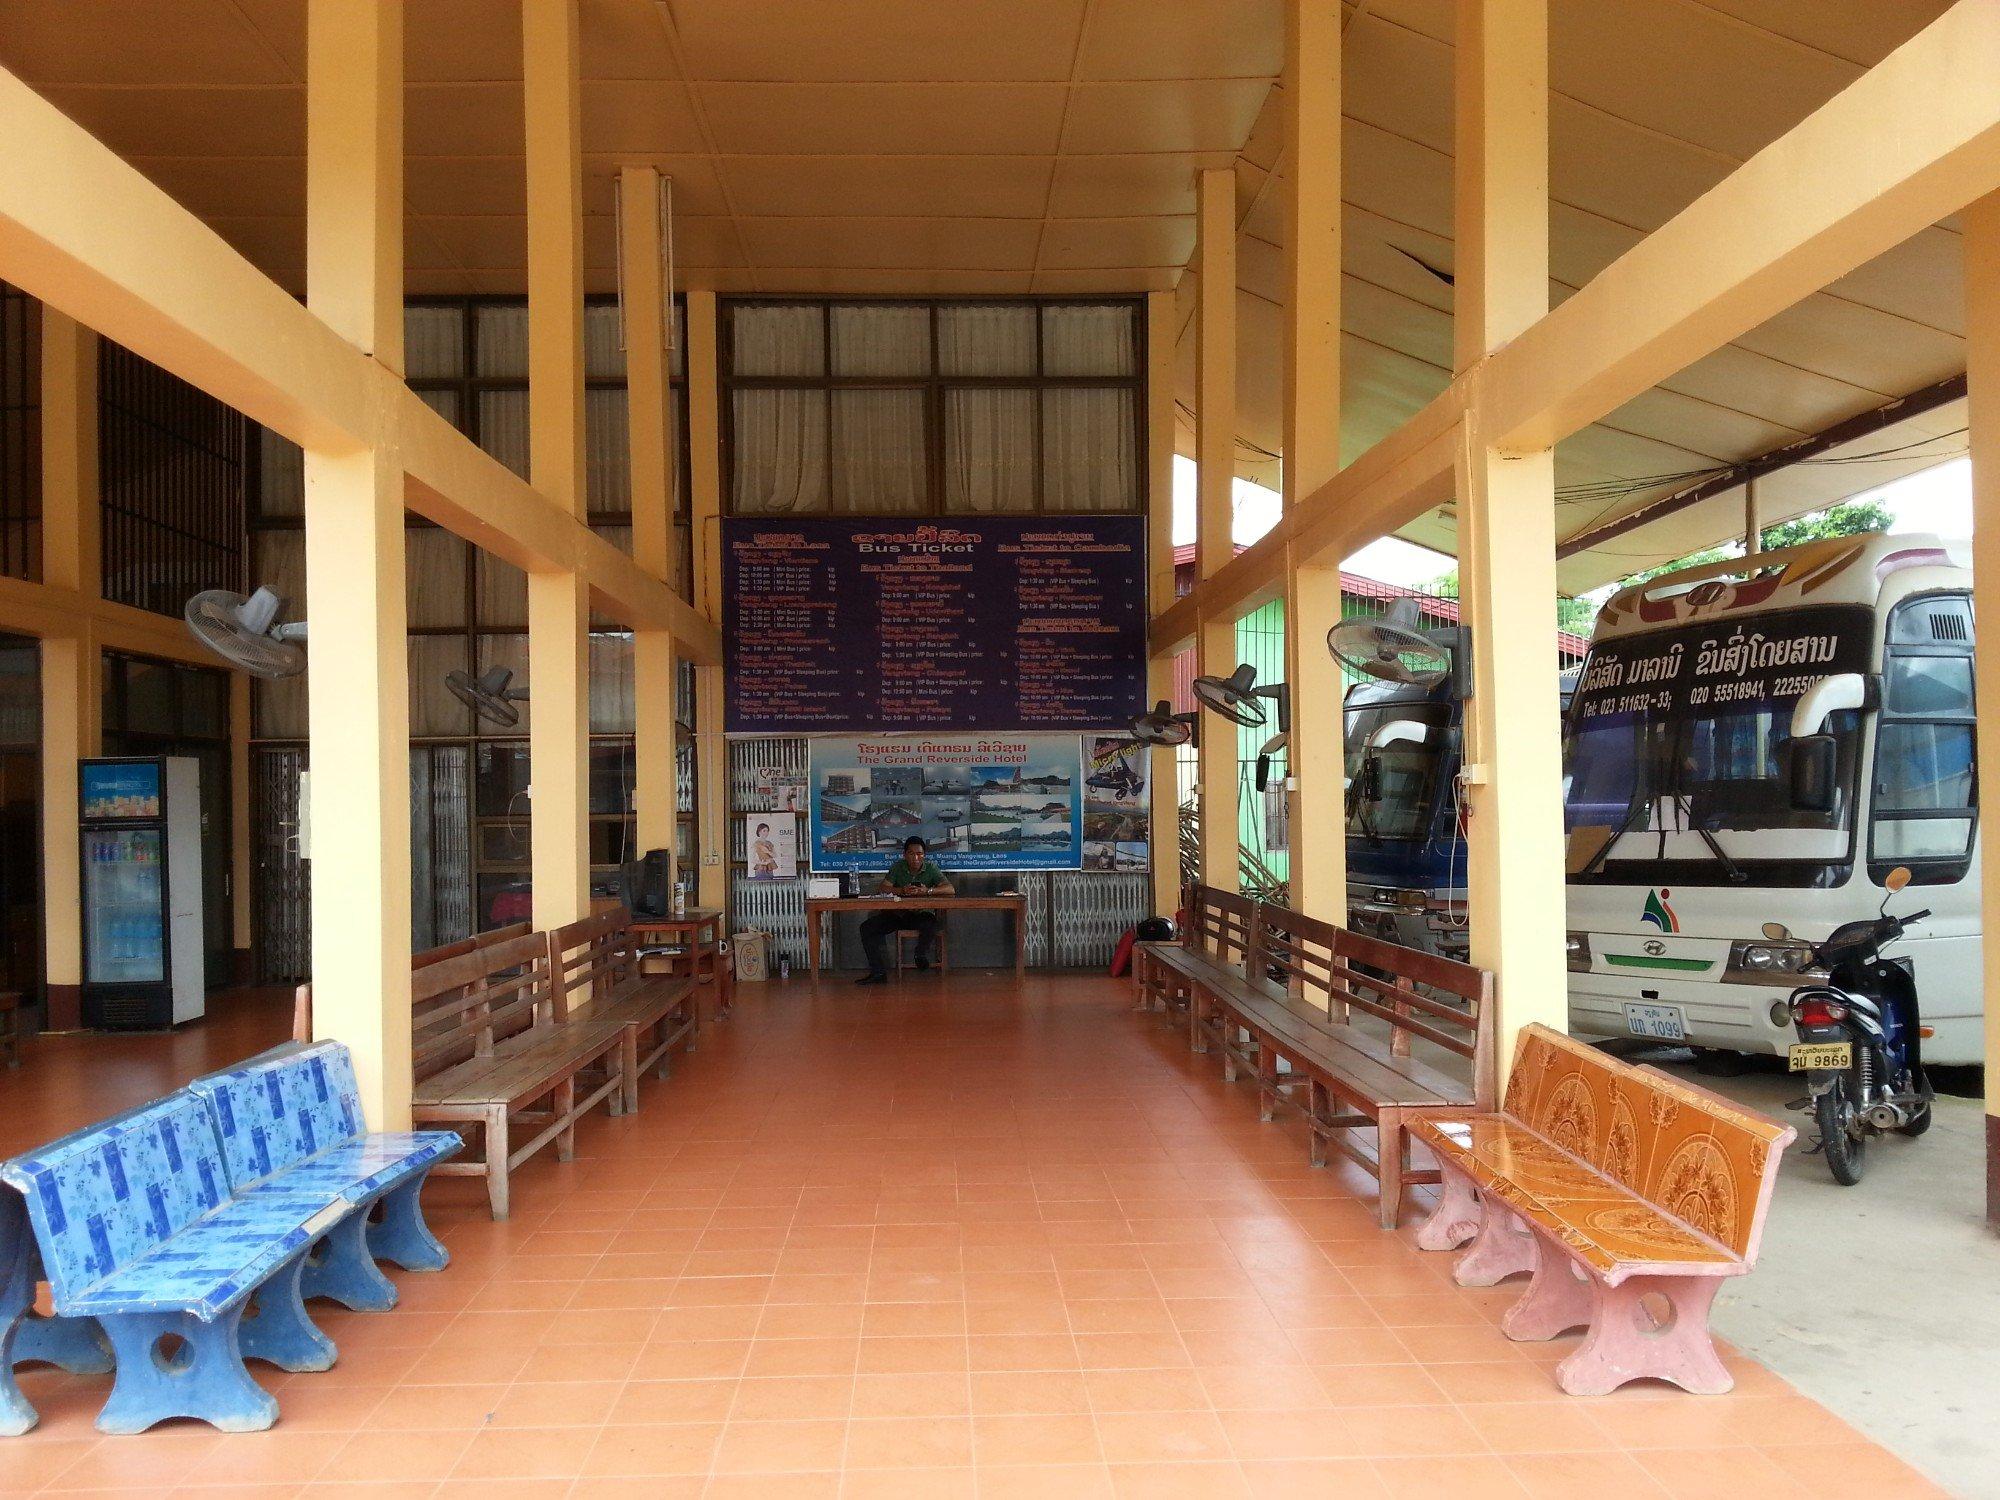 Waiting area at Vang Vieng South Bus Terminal